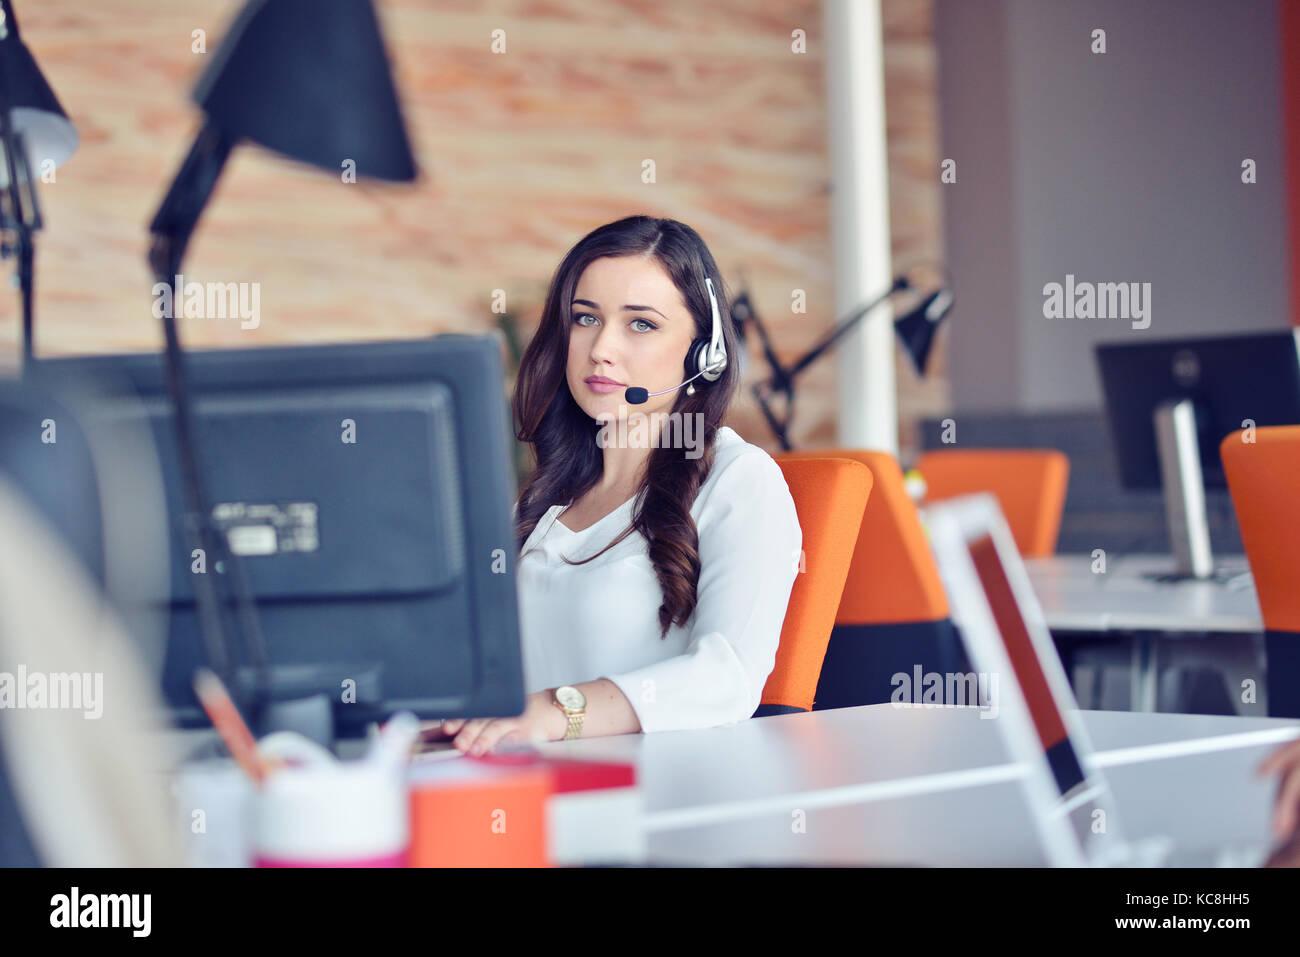 Giovane donna che lavorano nei call center, circondato da colleghi Immagini Stock